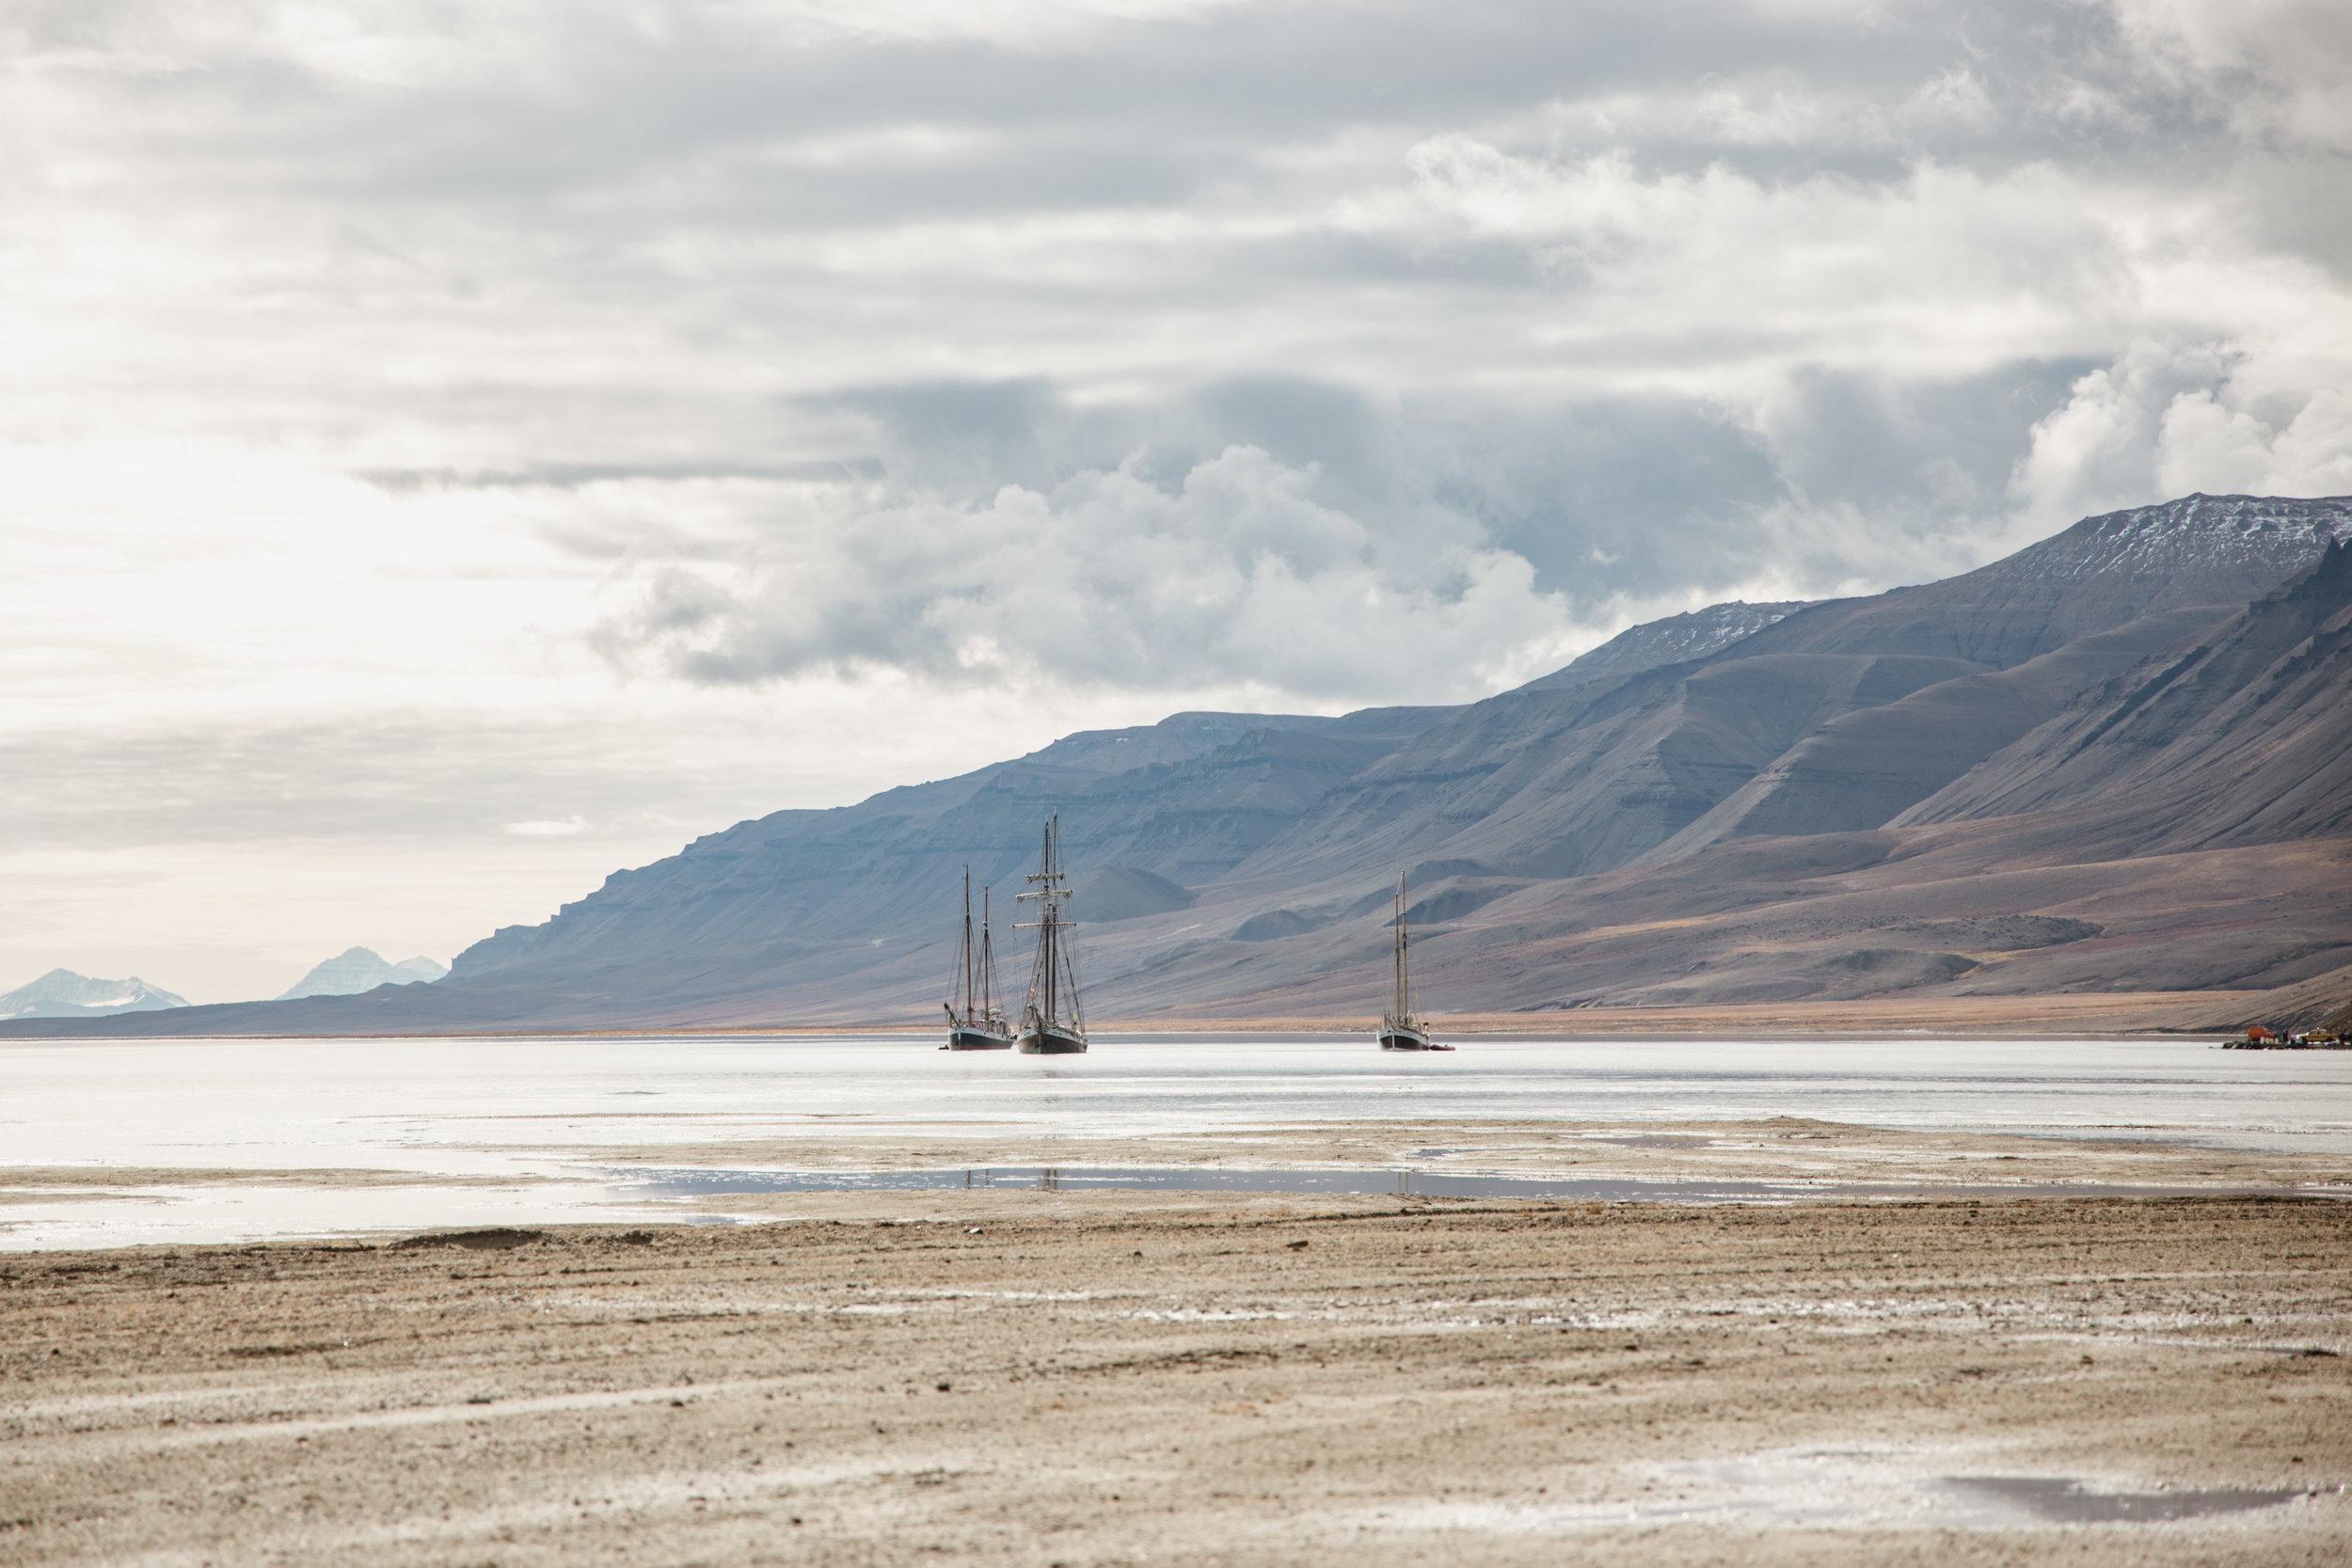 Schooner in Greenland